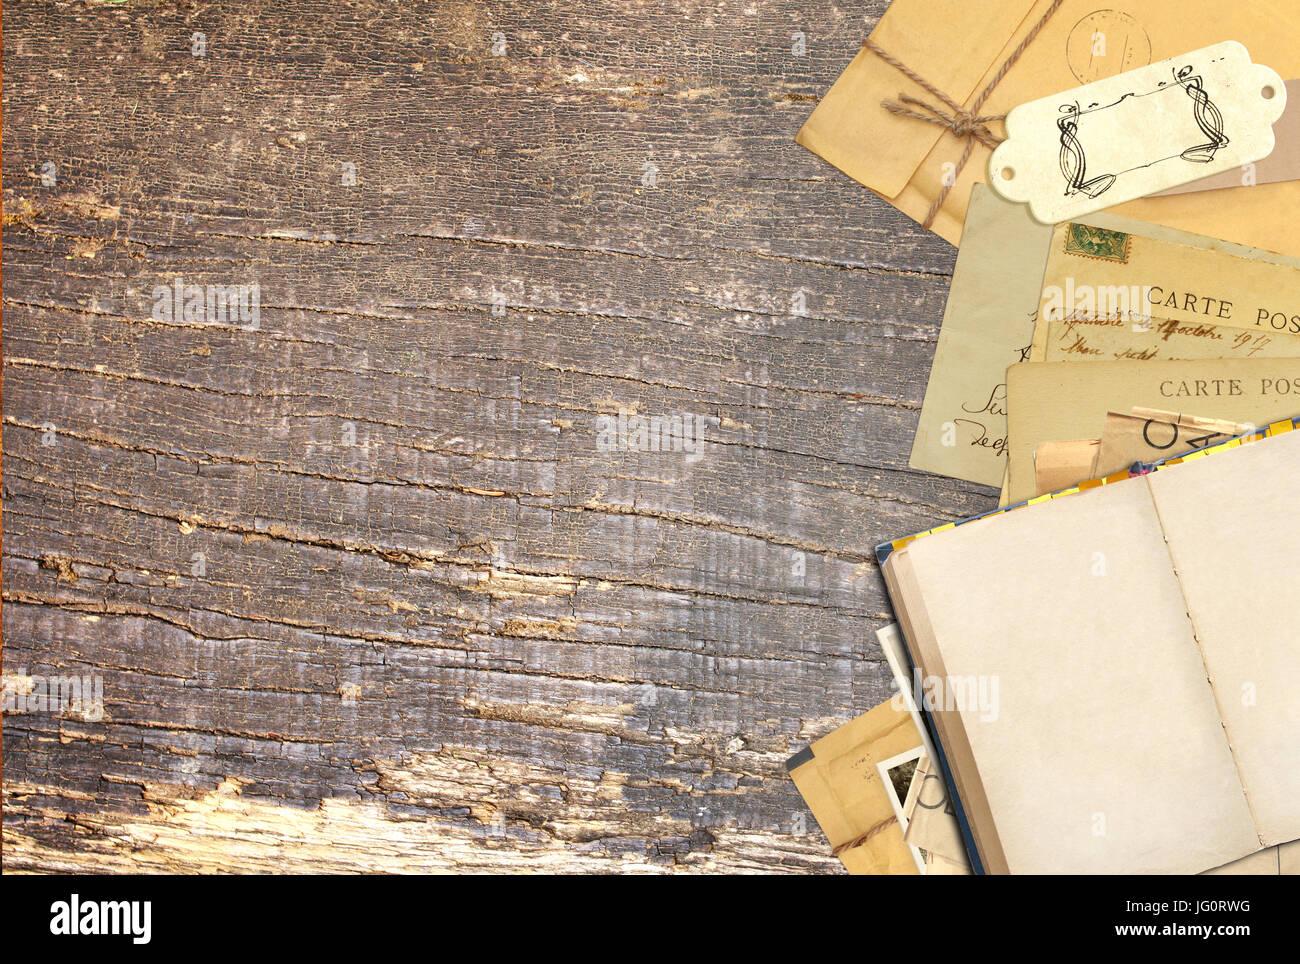 Grunge Background Avec Retro Livre Et Cartes Postales Anciennes Sur La Vieille Planche De Bois Linscription Carte Visite